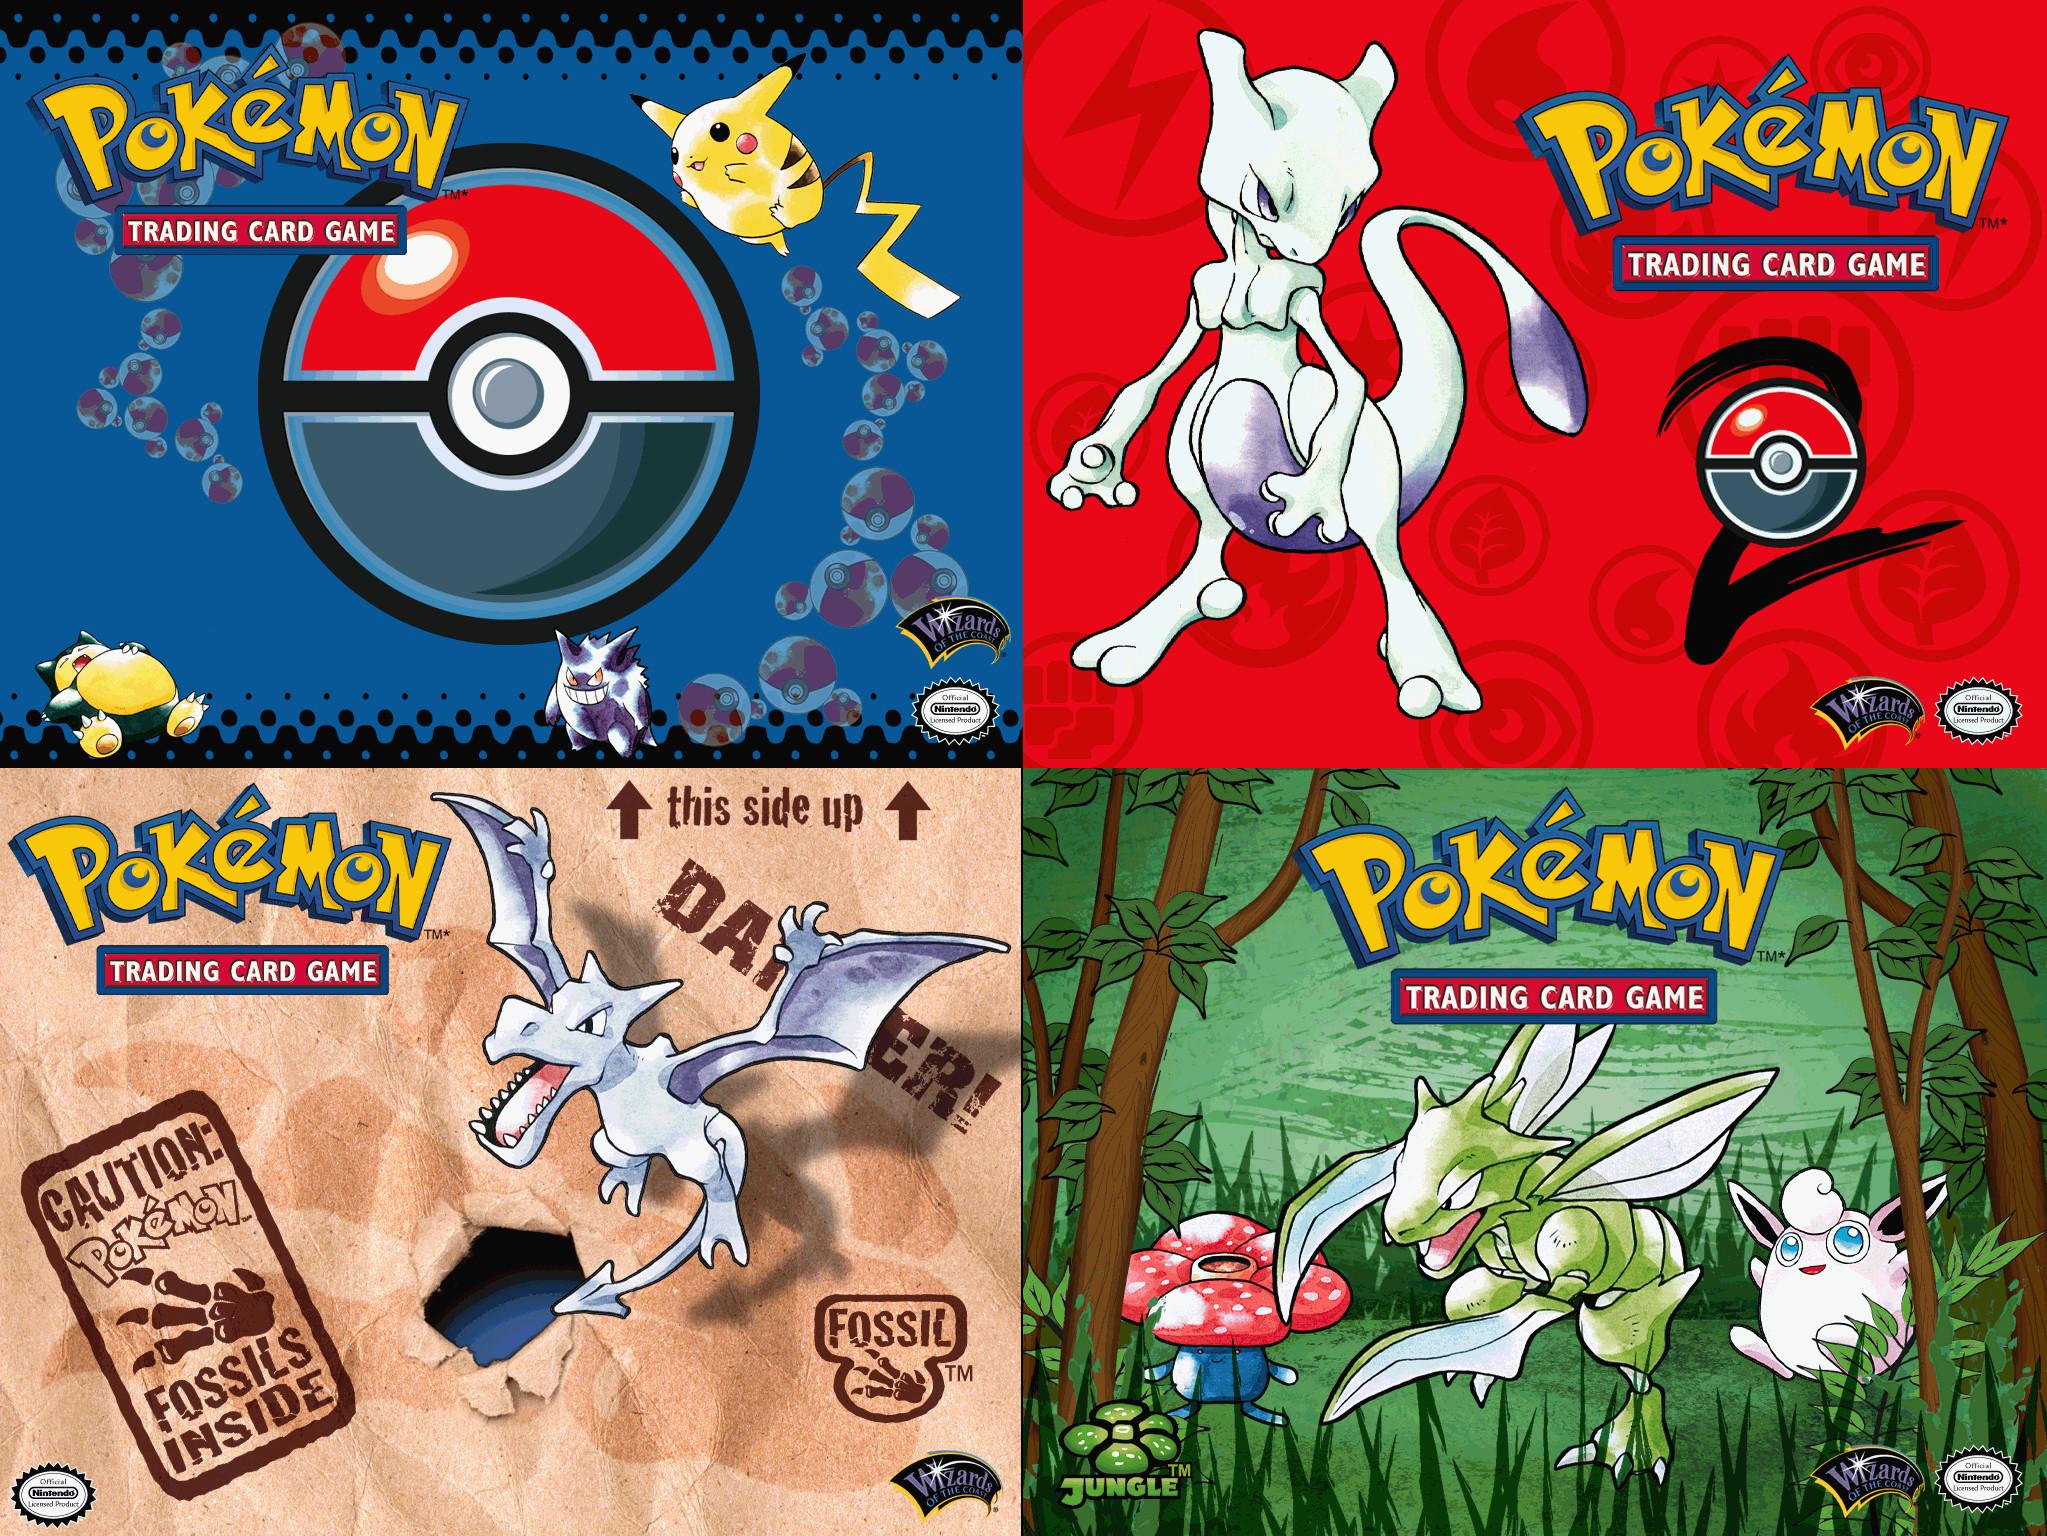 Pokemon TCG Wallpaper Pack by dakotaatokad Pokemon TCG Wallpaper Pack by  dakotaatokad